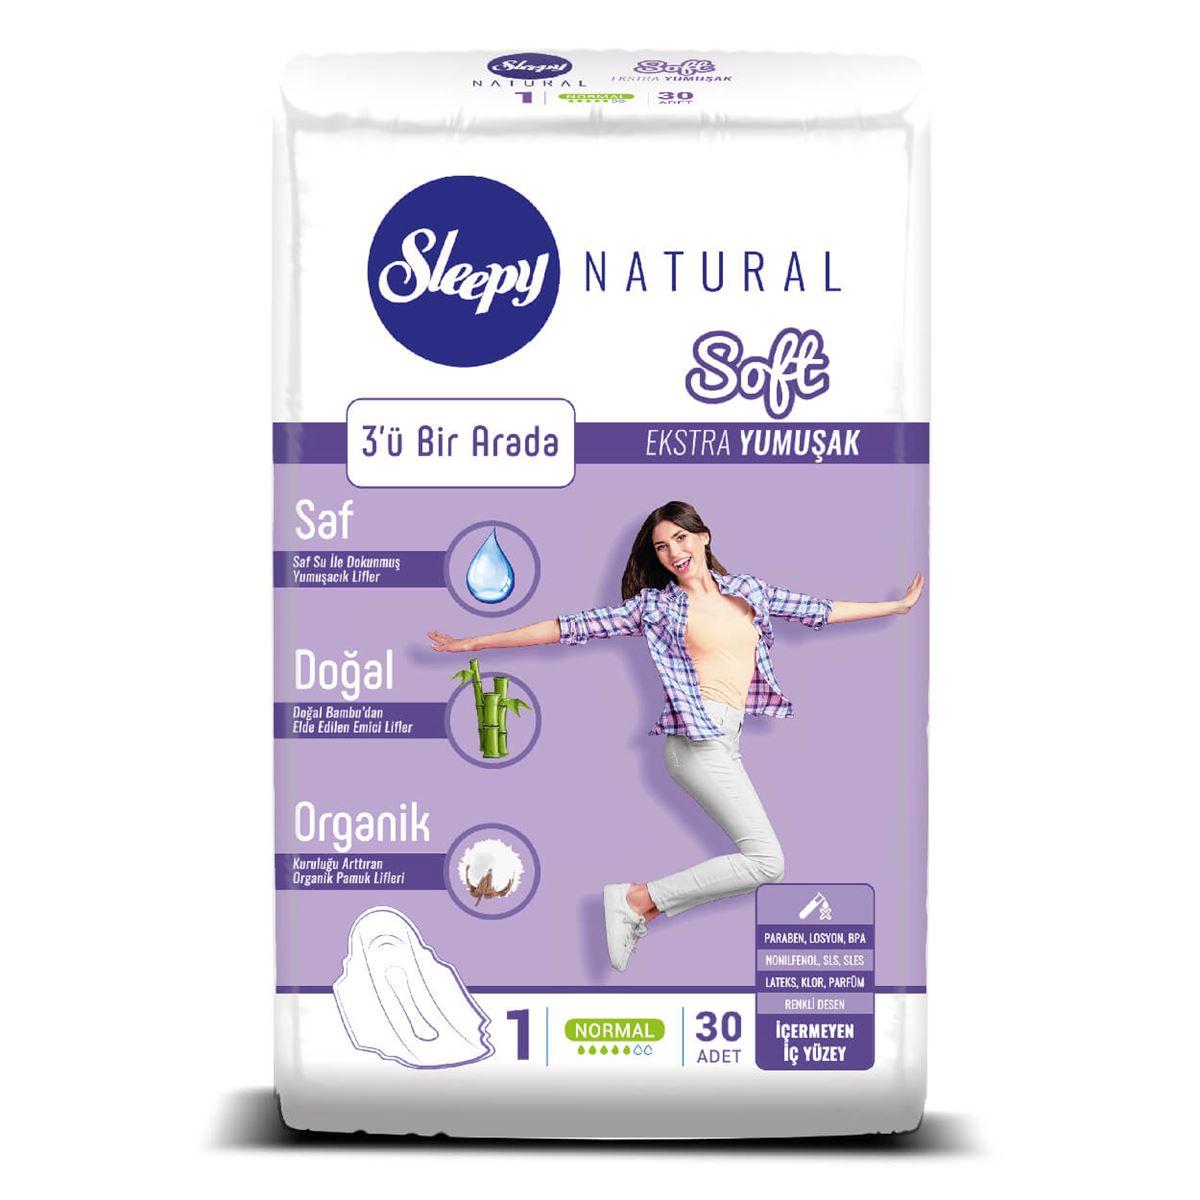 Sleepy Natural Soft Ekstra Yumuşak Normal (30 Ped)